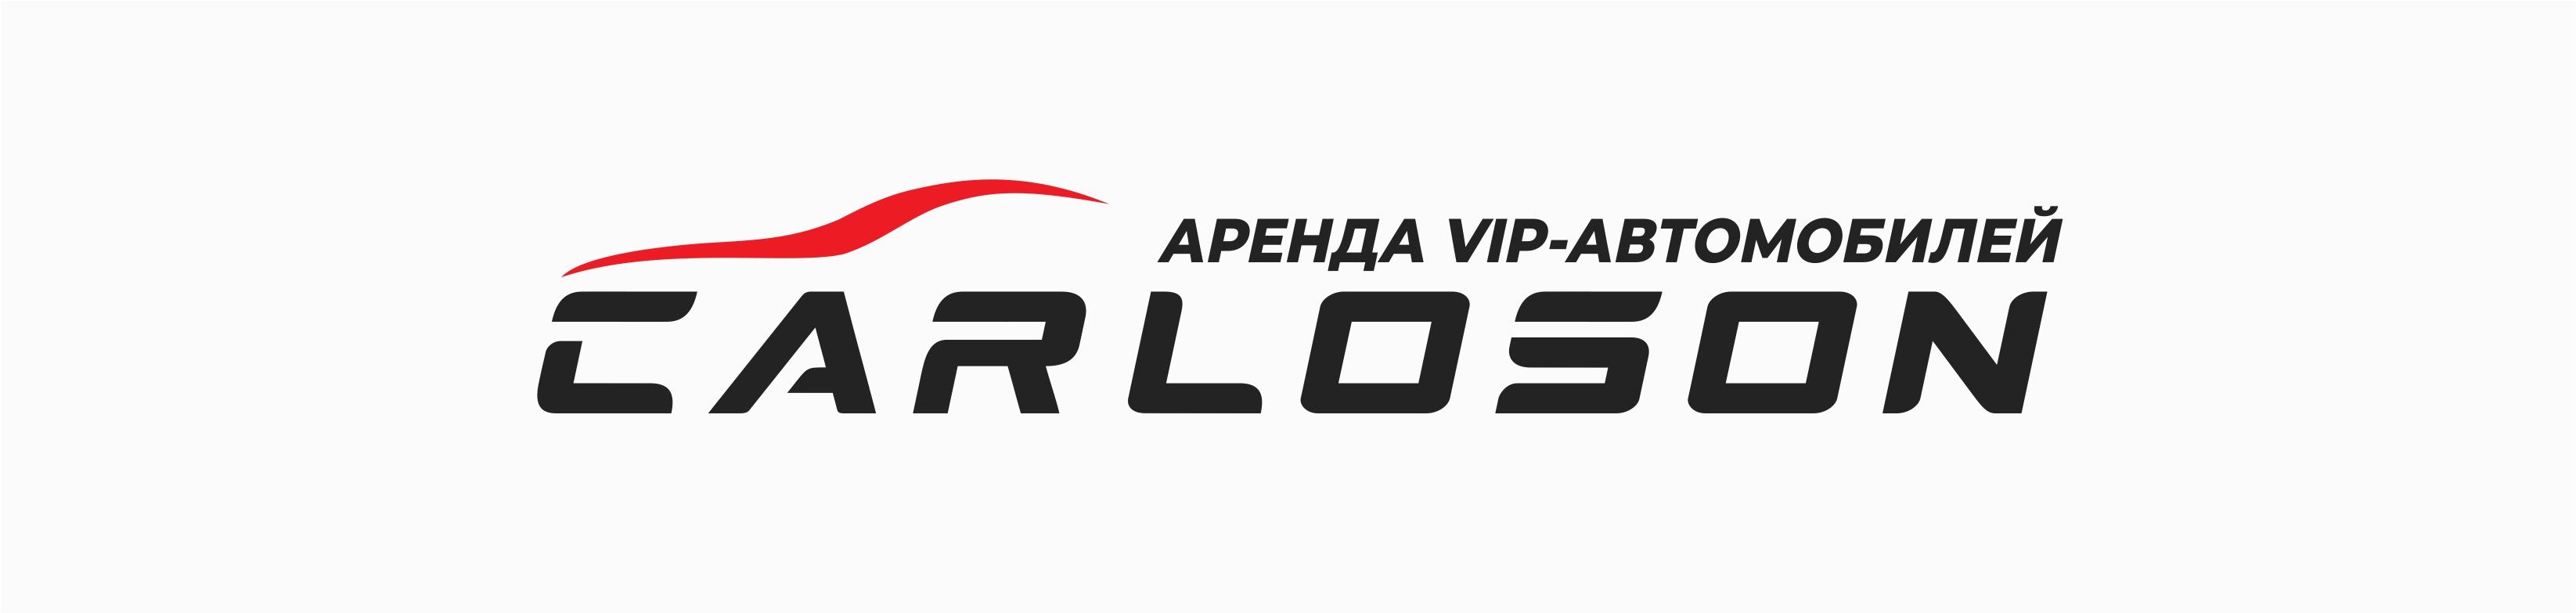 Логотип для компании по прокату  VIP автомобилей фото f_1725ad5e4934fea5.jpg